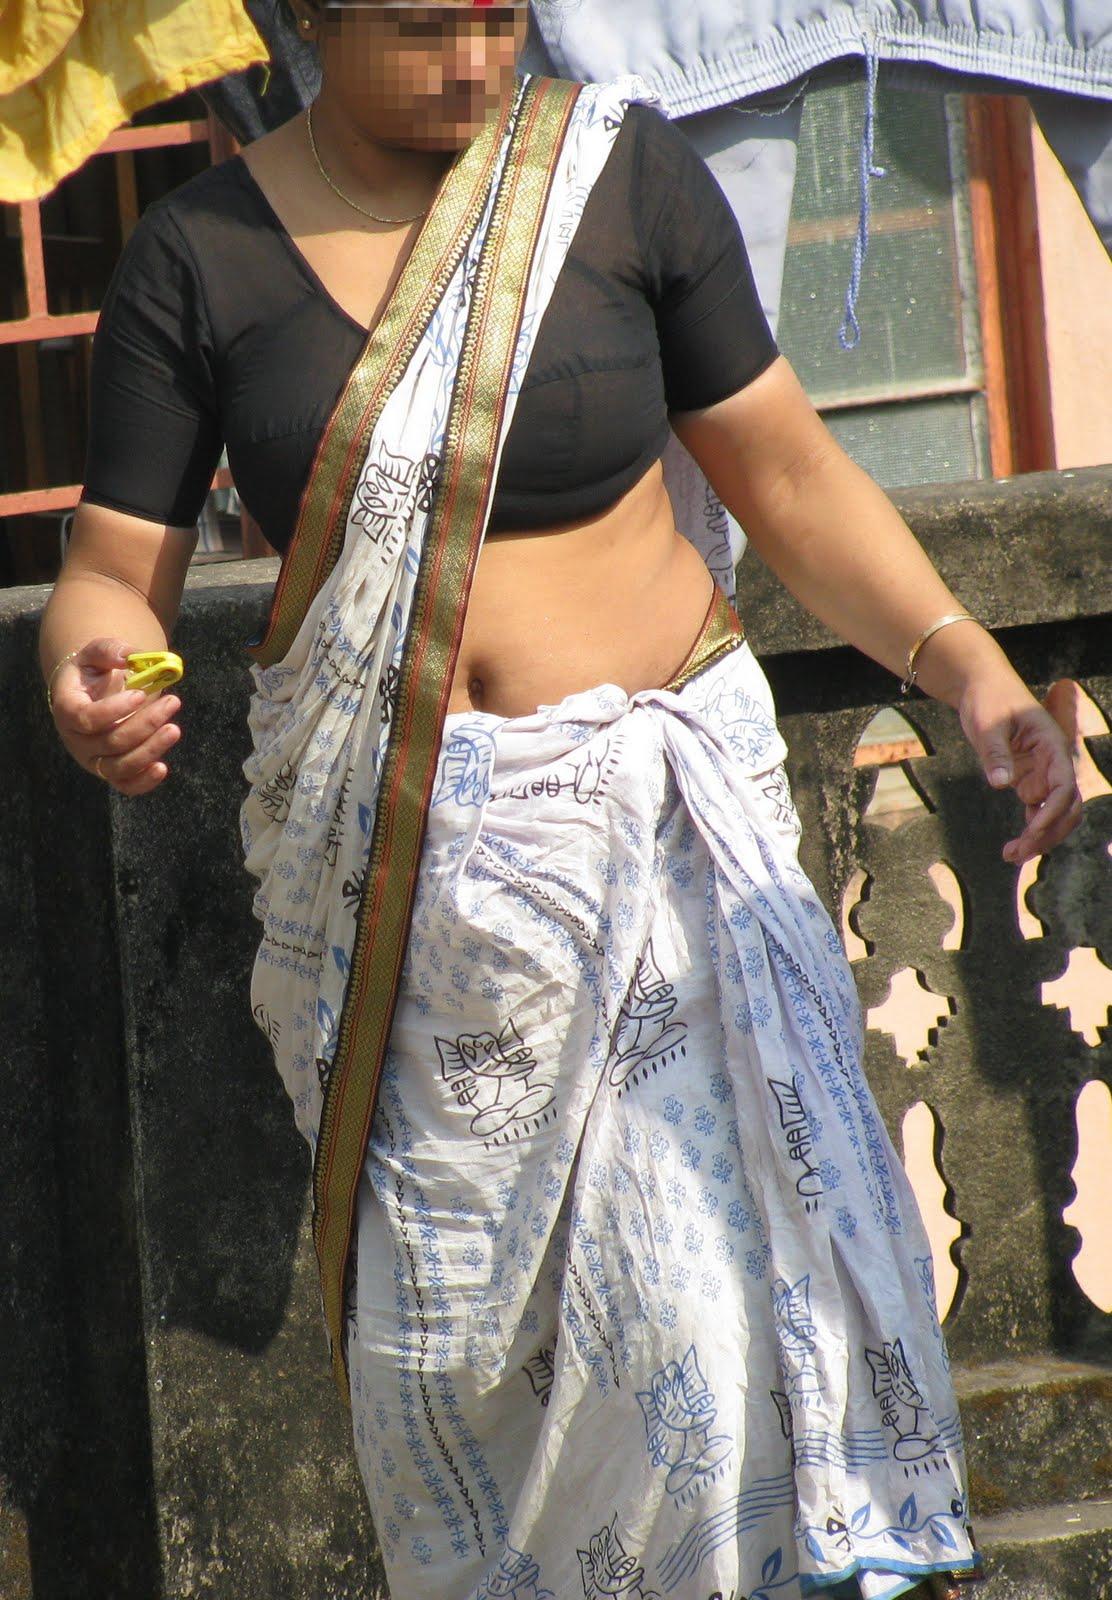 Exotic India Indian Kamwali Bai Hot Sexy Maid Server Real -8054